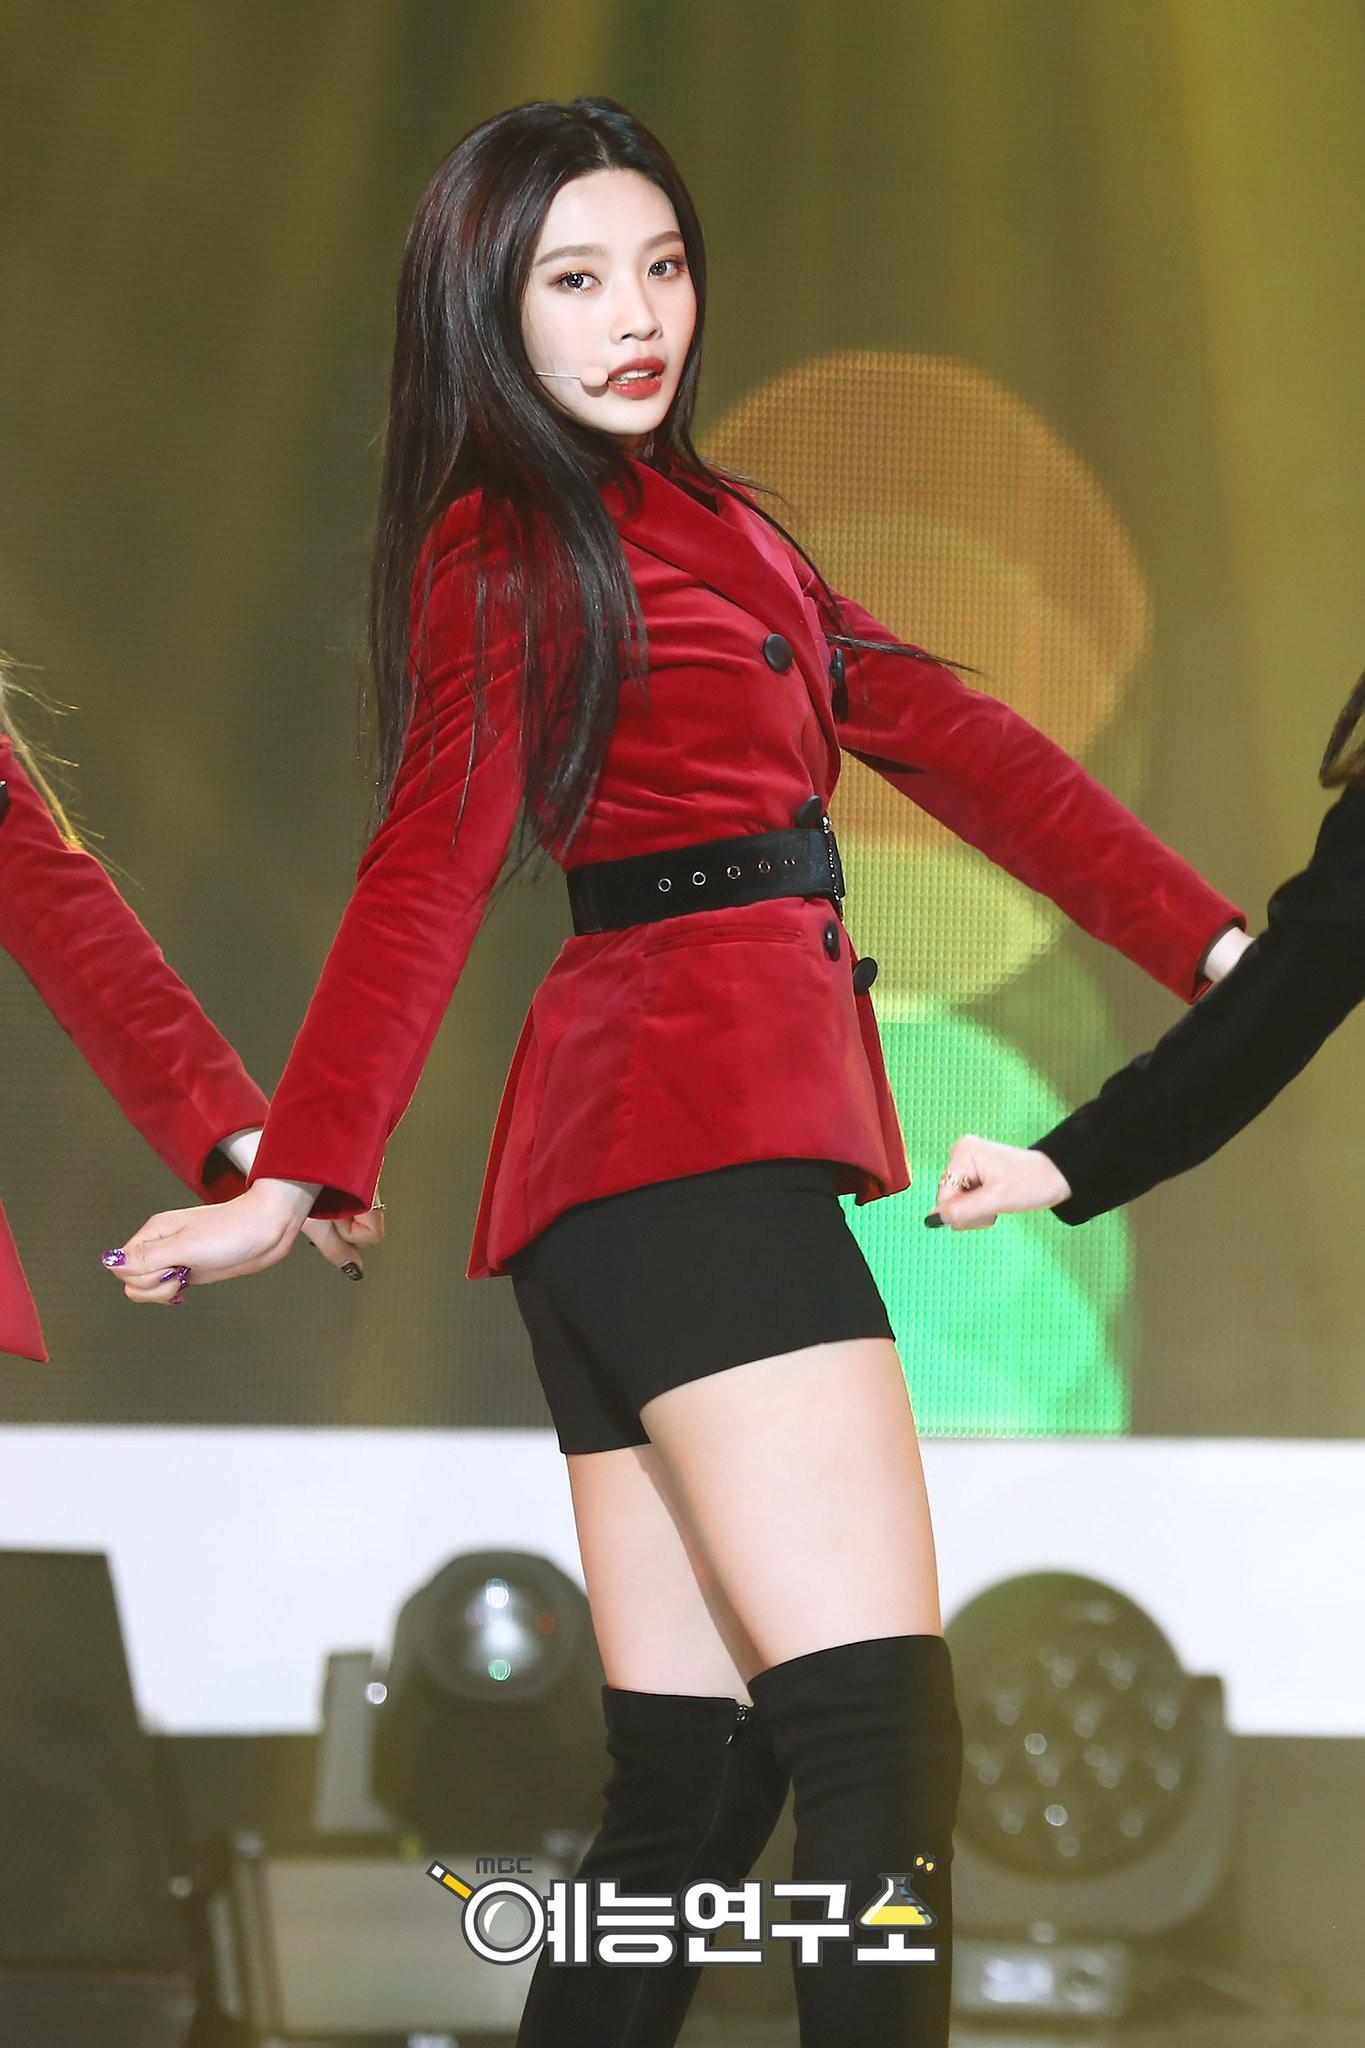 Em út của nhóm nhạc thần tượng Red Velvet khoe thân hình nóng bỏng sau khi bị chê béo ú